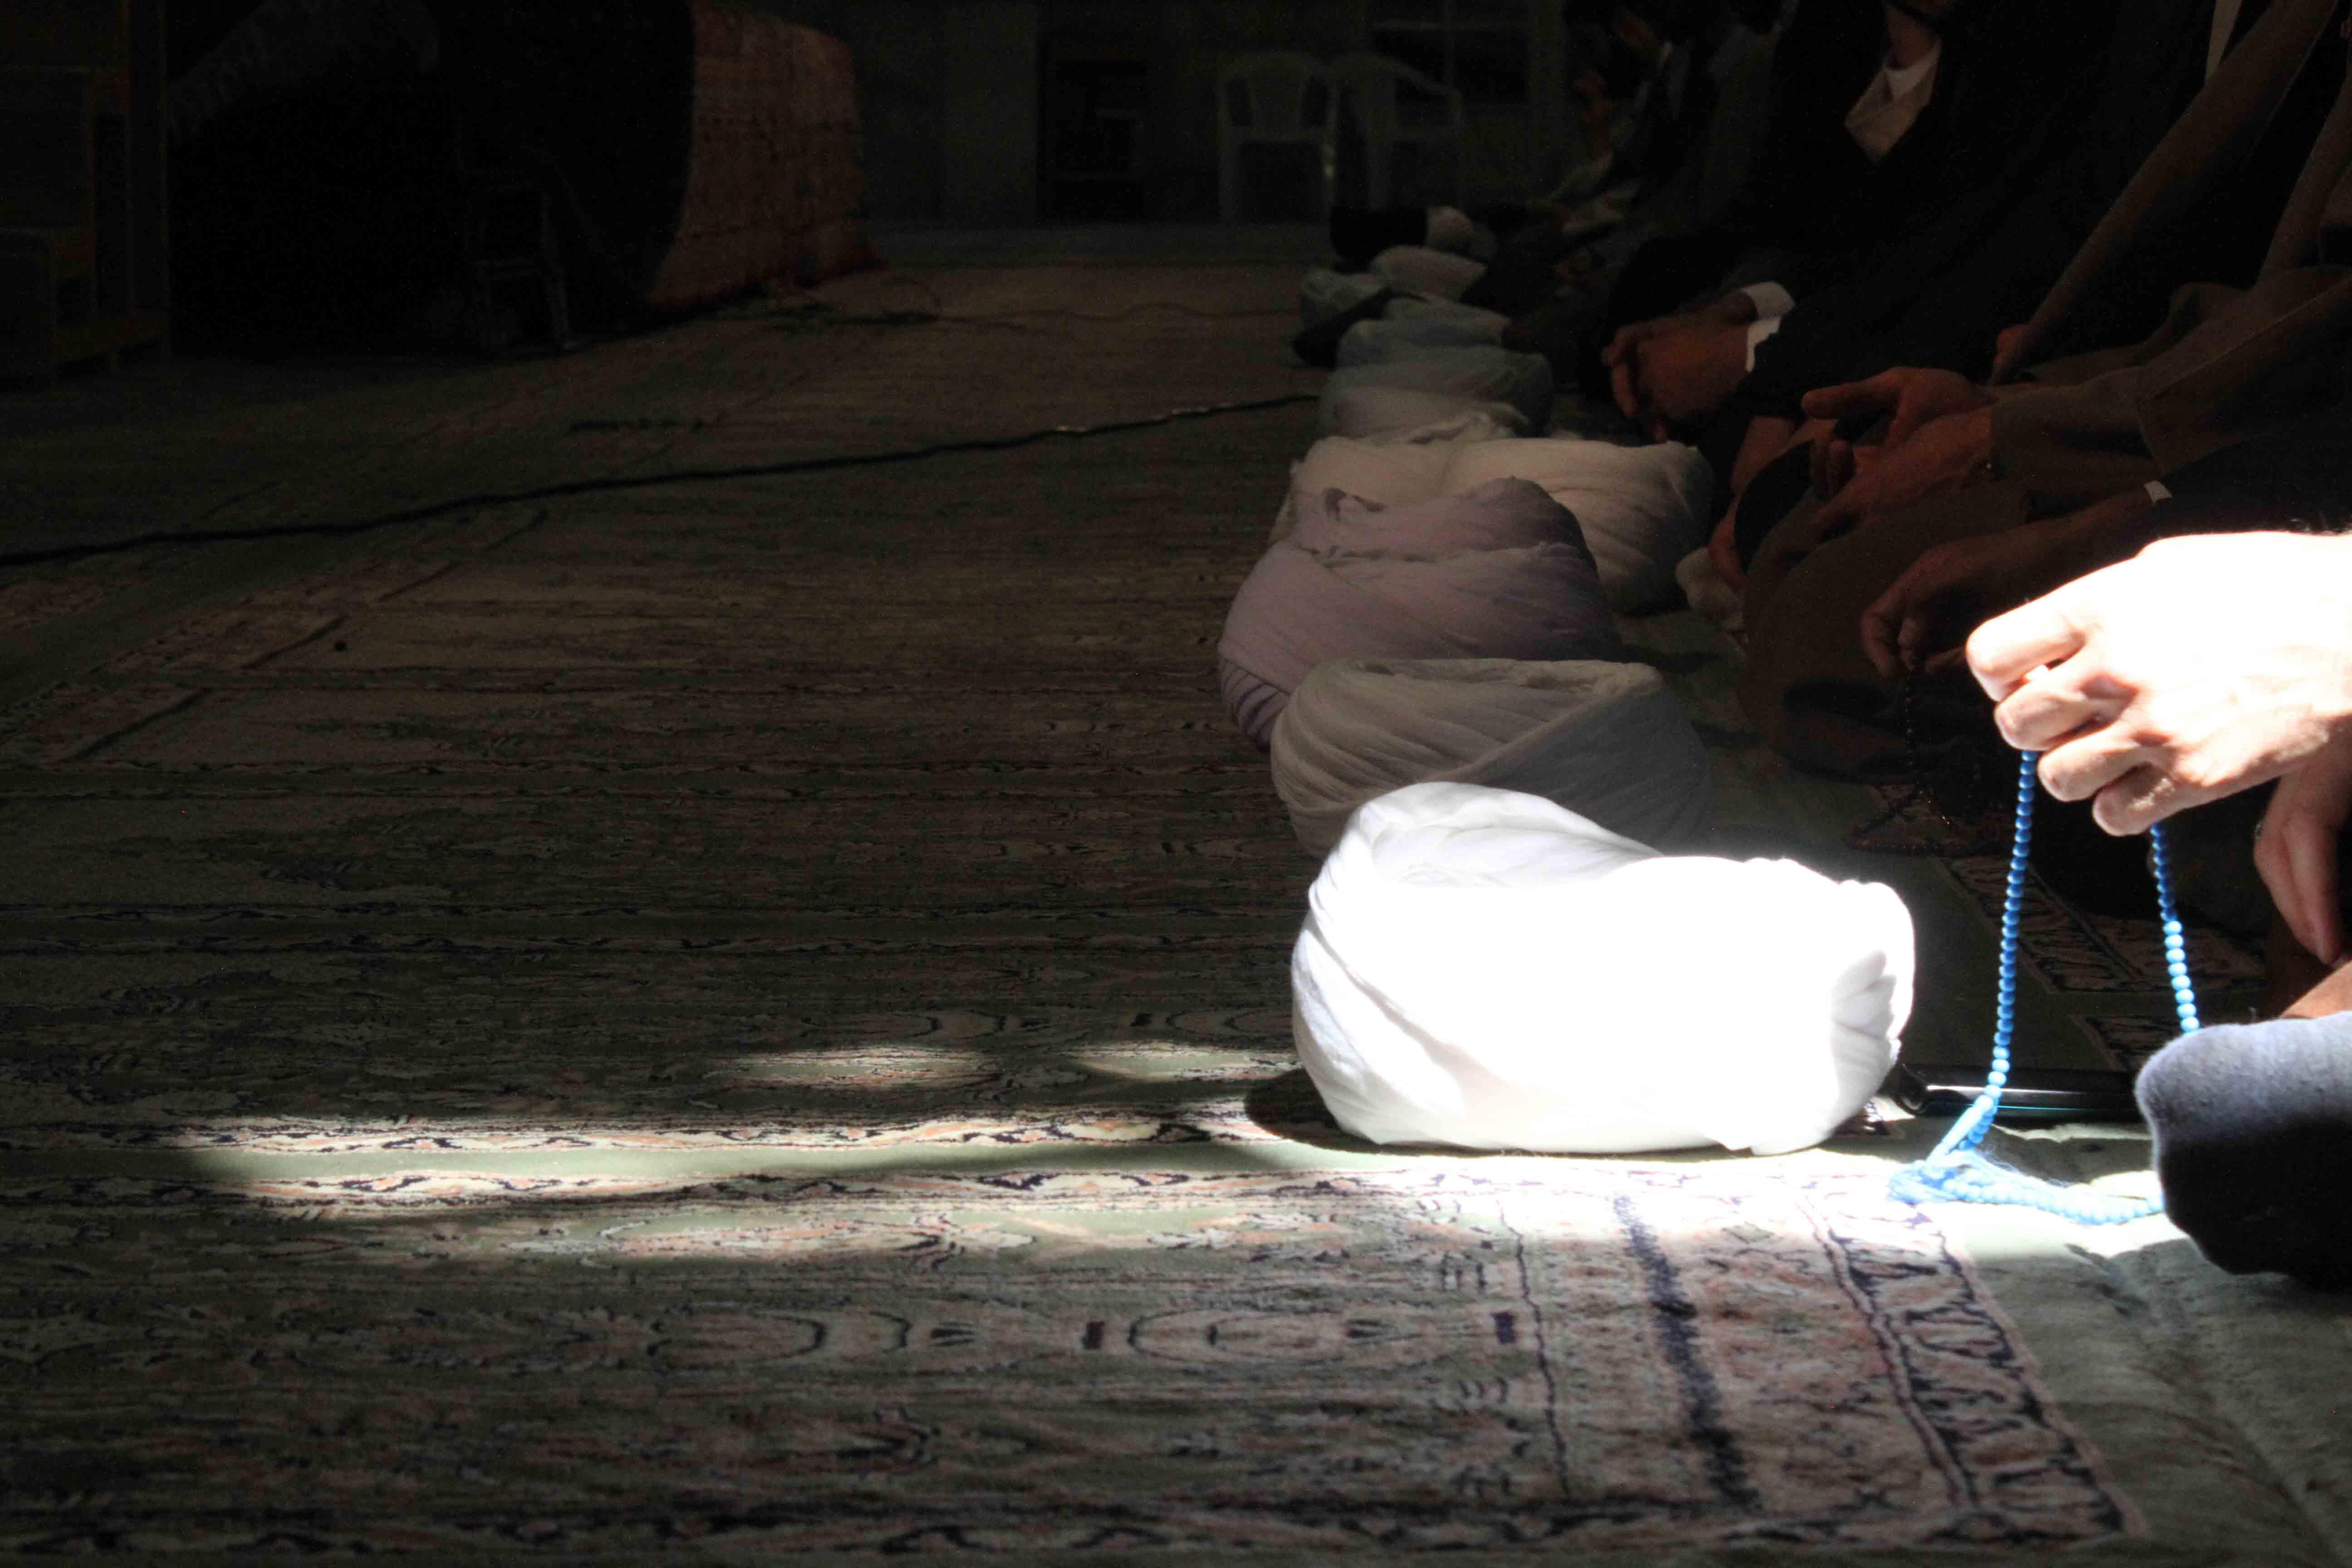 یادداشت رسیده | روحانیت و خشونت های اجتماعی